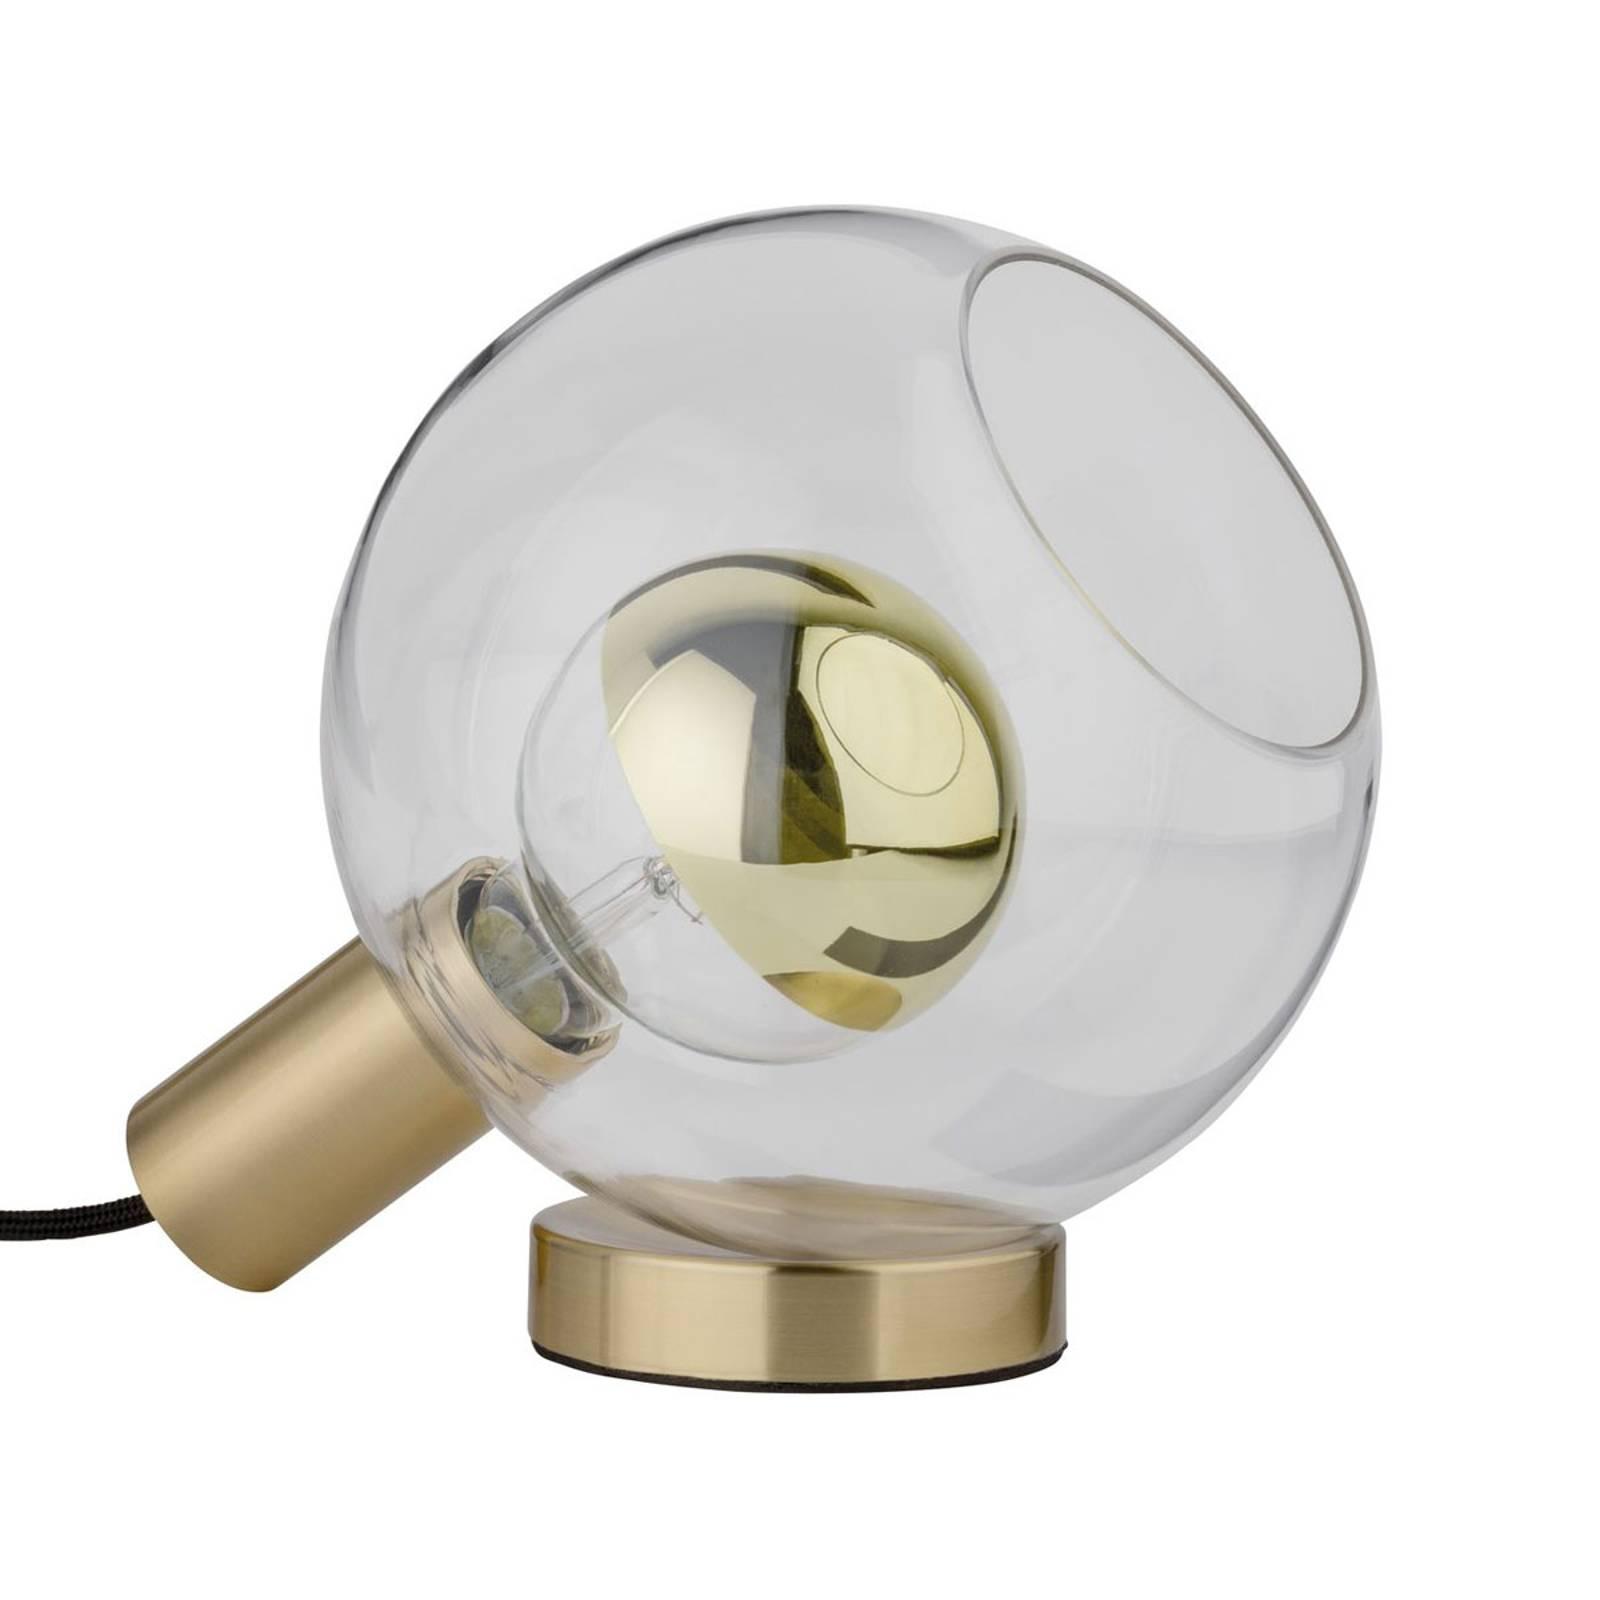 Paulmann Esben tafellamp